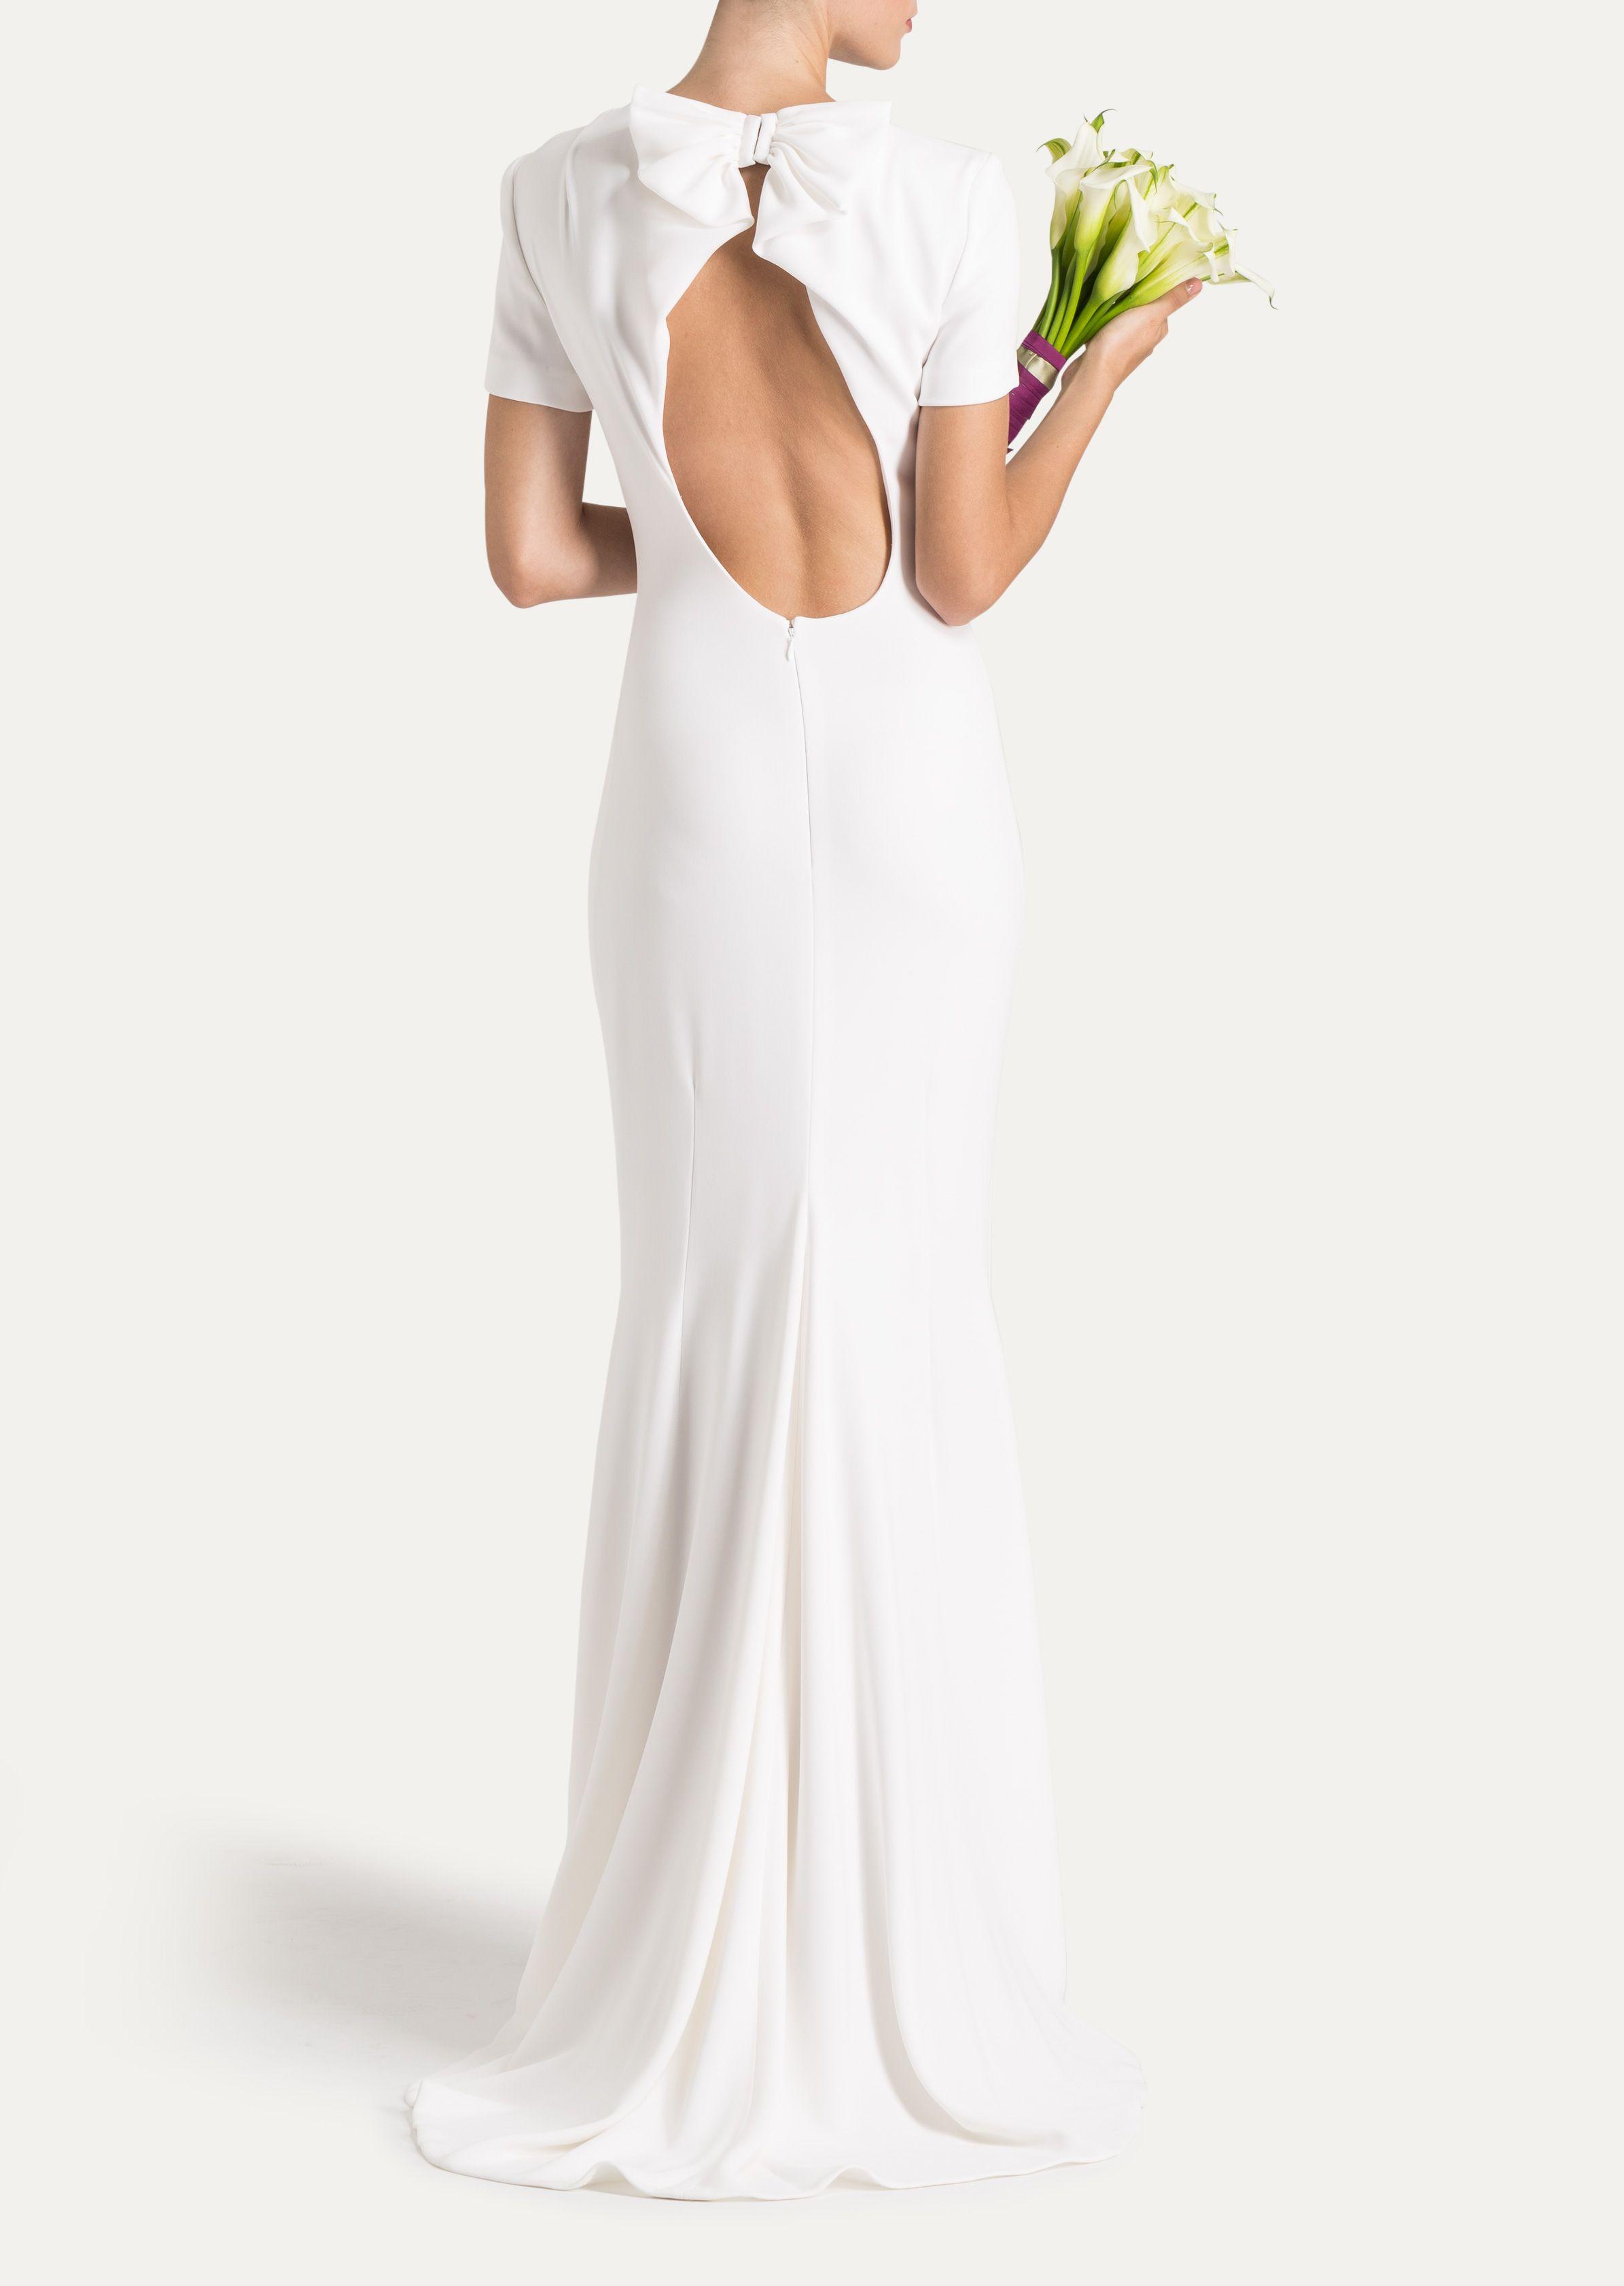 pin von ulla solveig auf heiraten - kleid | hochzeitskleid